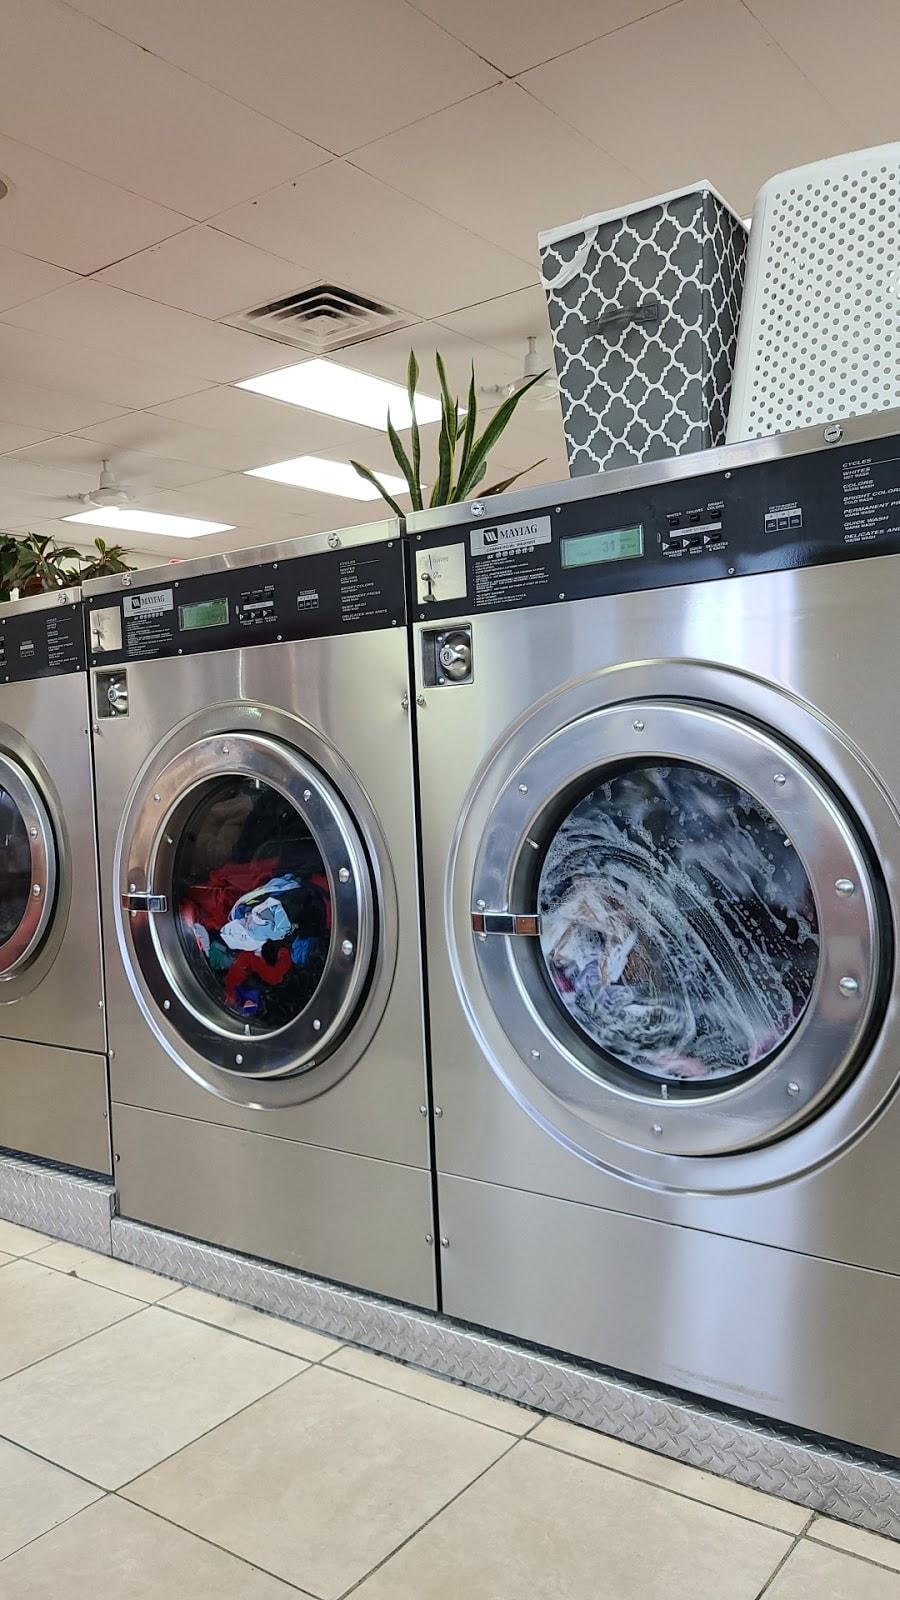 Miley's Place Laundromat